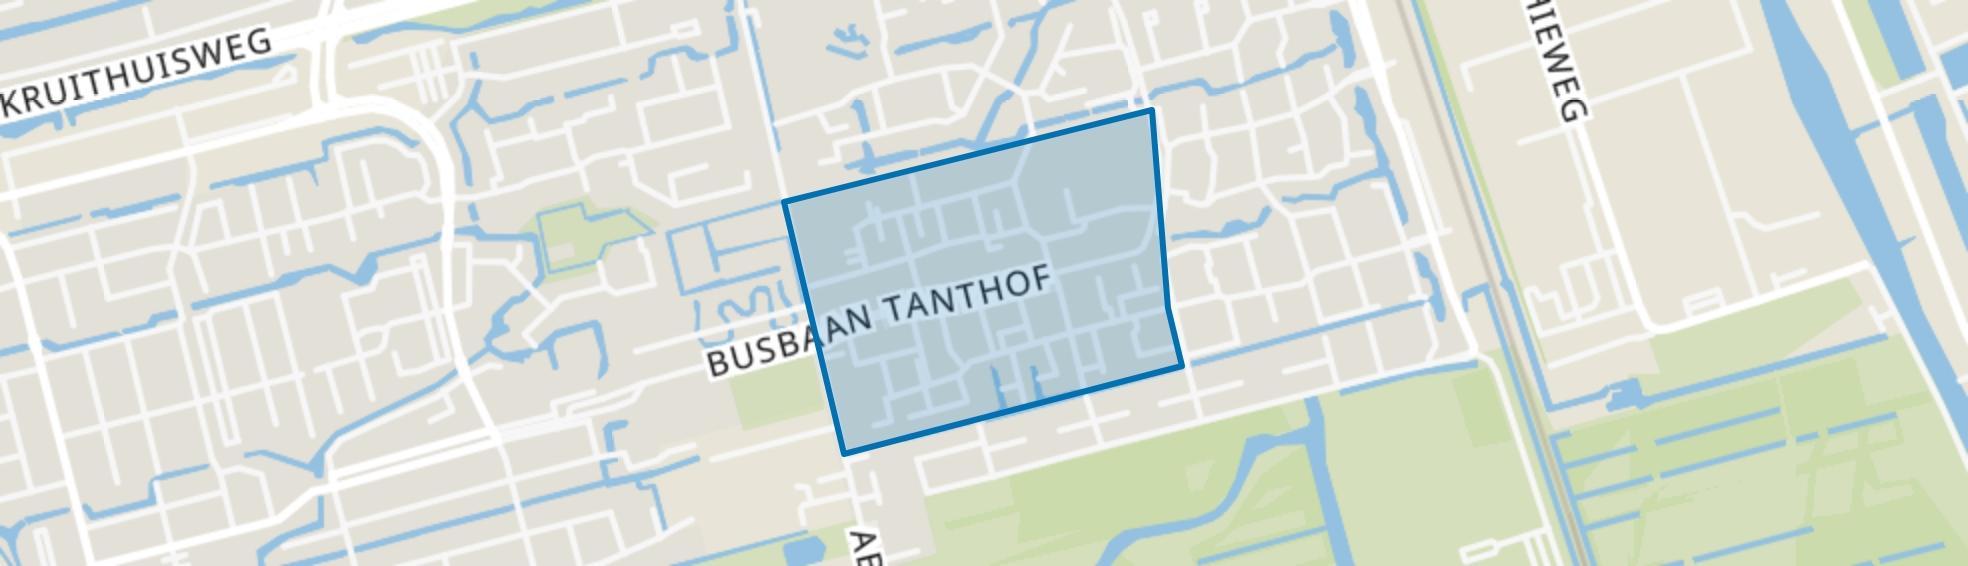 Vogelbuurt-West, Delft map